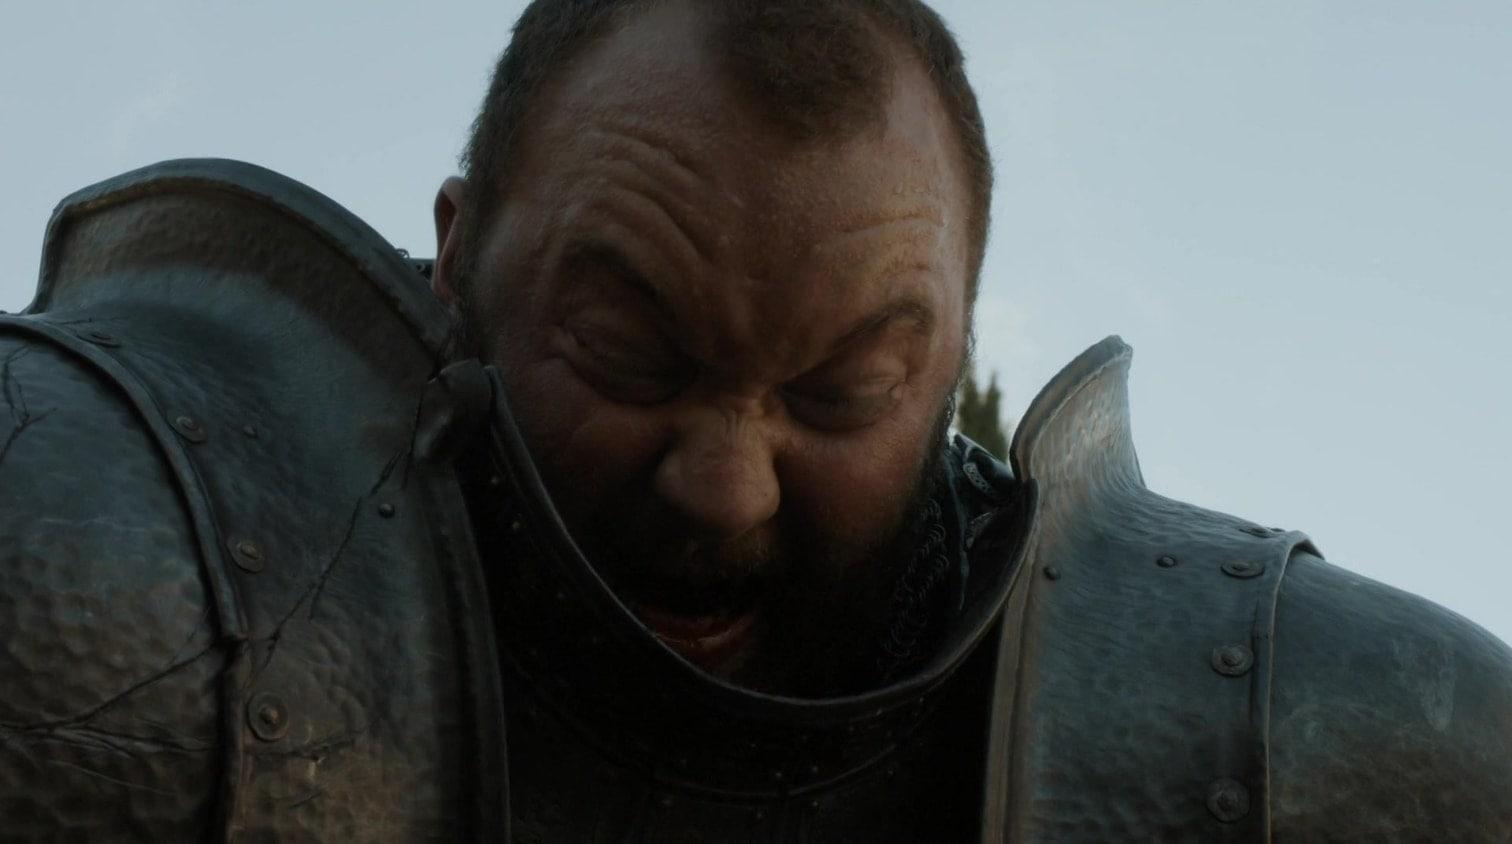 """große """"WTF?""""-Moment der Game of Thrones Geschichte: Publikumsliebling Ned Stark wird unter dem Kommando von Joffrey einen Kopf kürzer gemacht. Und alle so: """"Wat???""""</p>"""